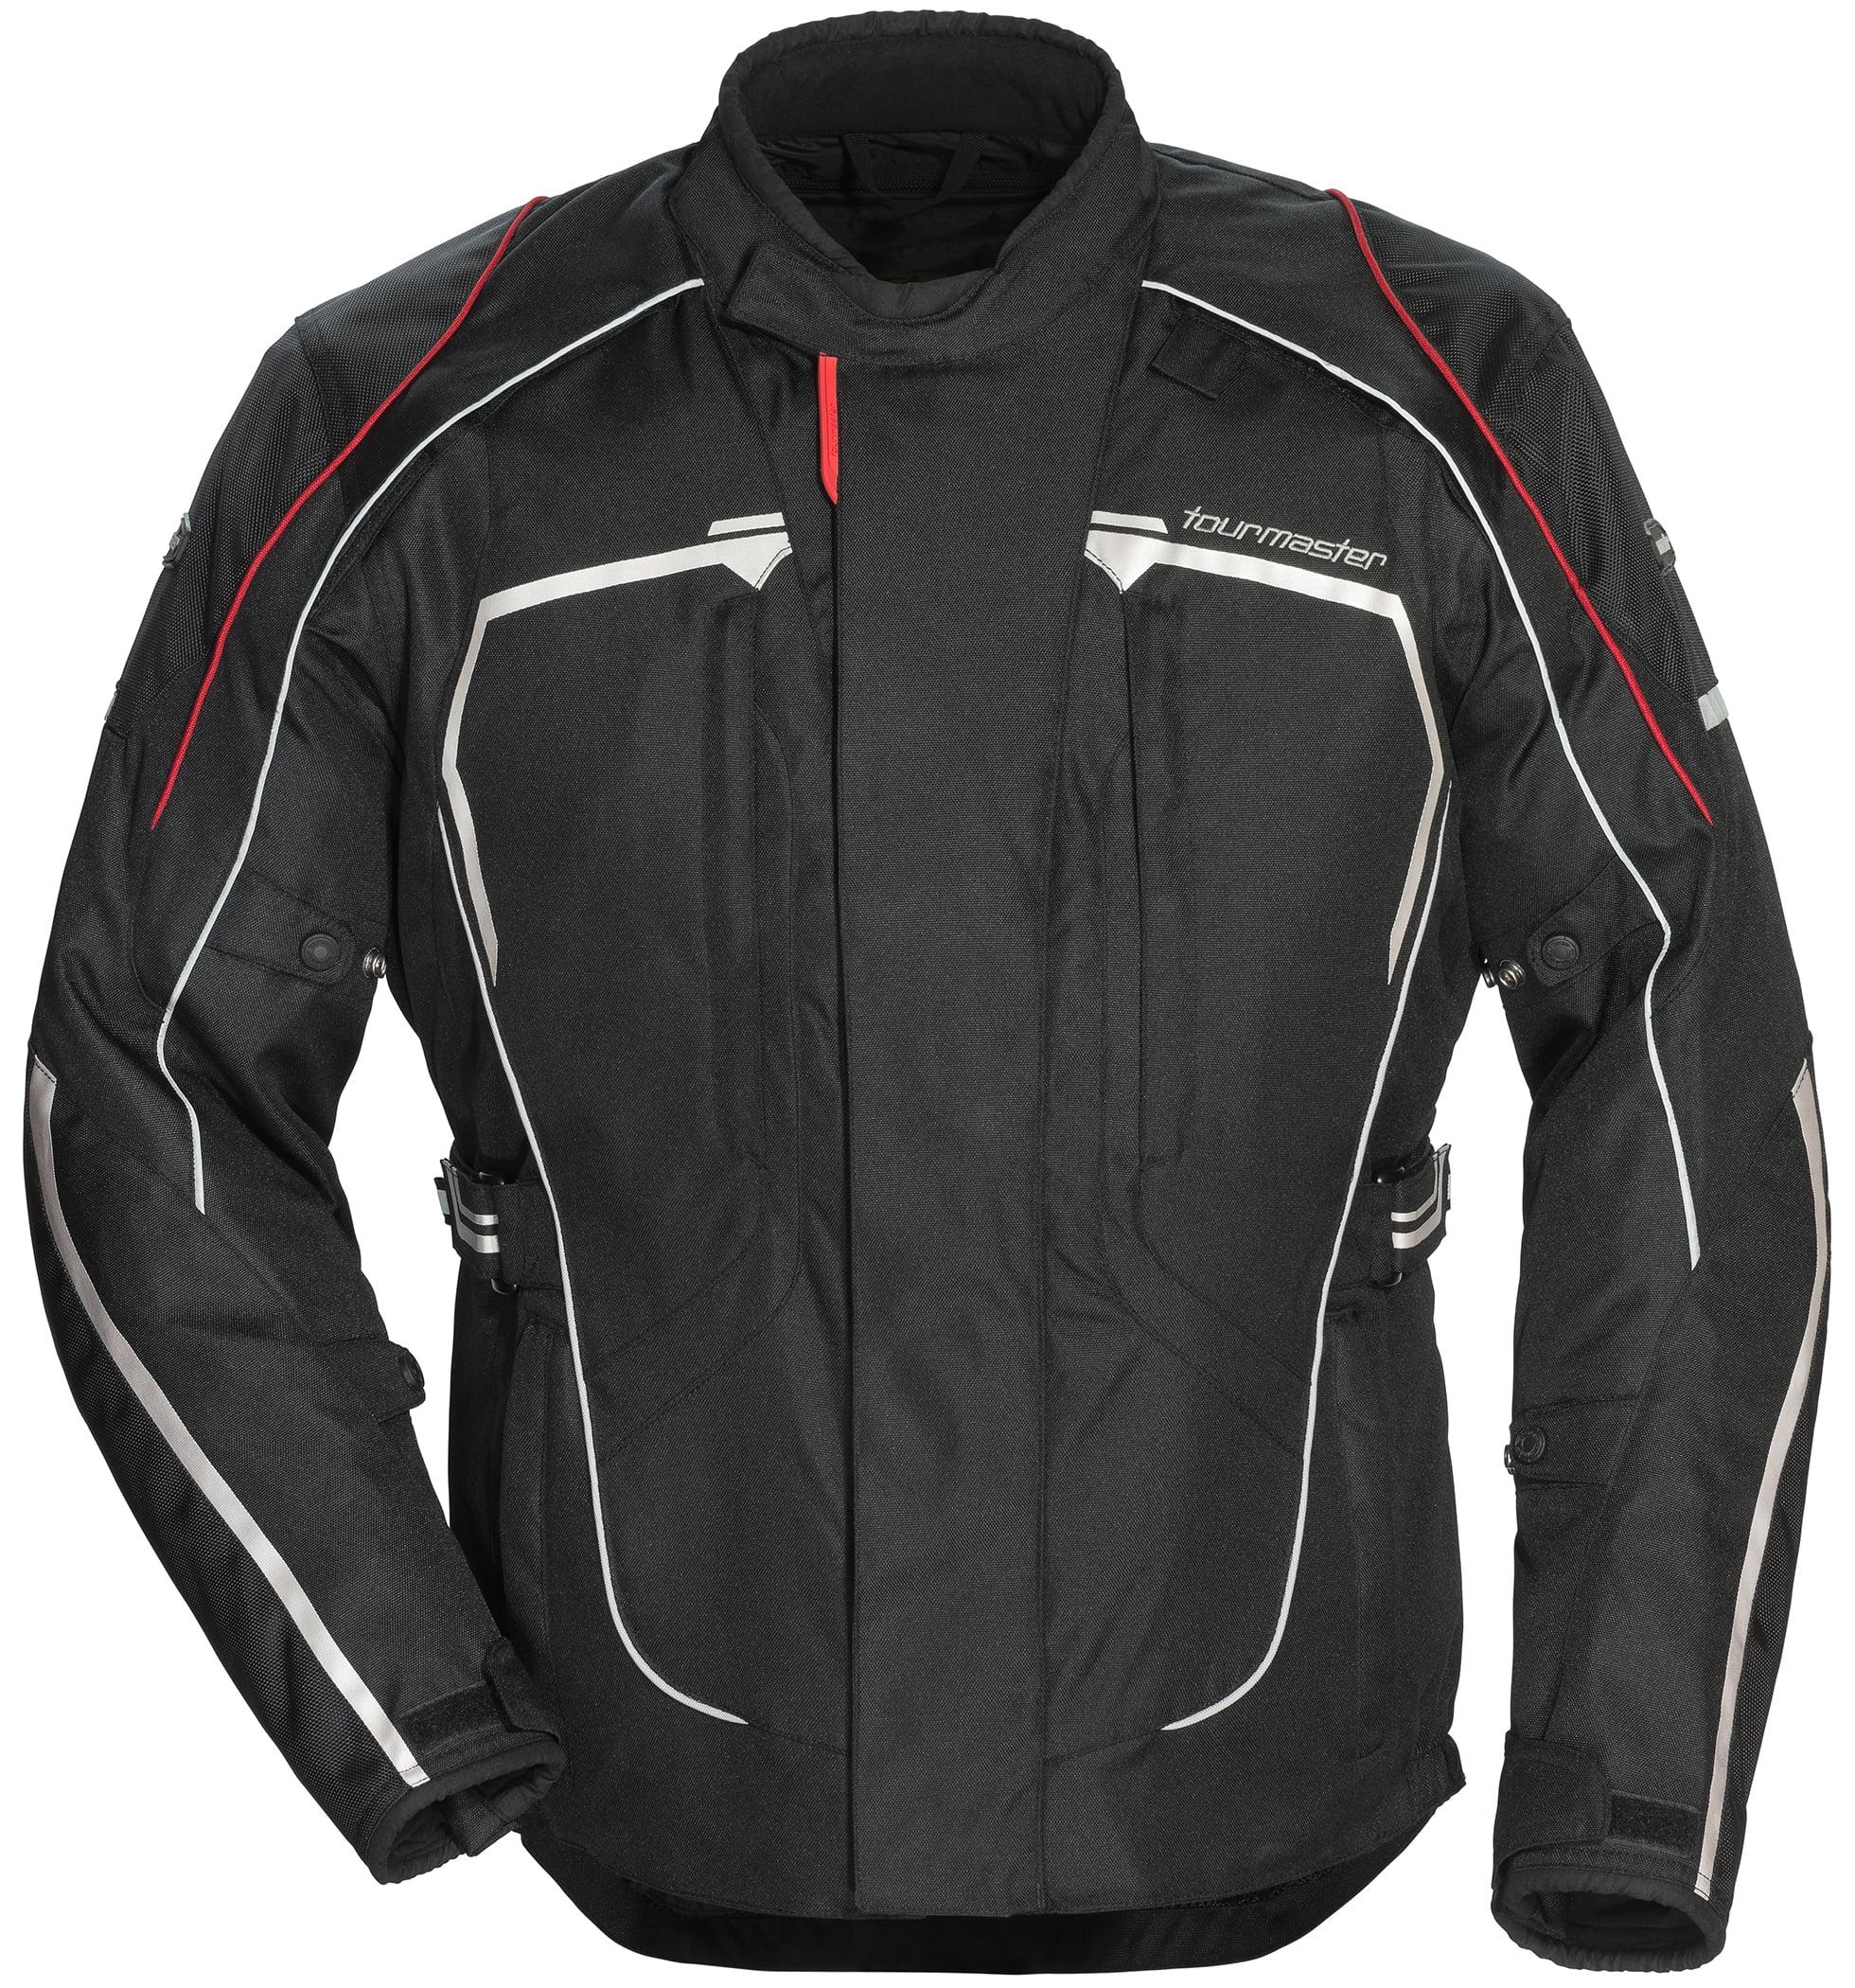 Tourmaster Advanced Jacket Black/Black 2X-Tall 8736-0105-18